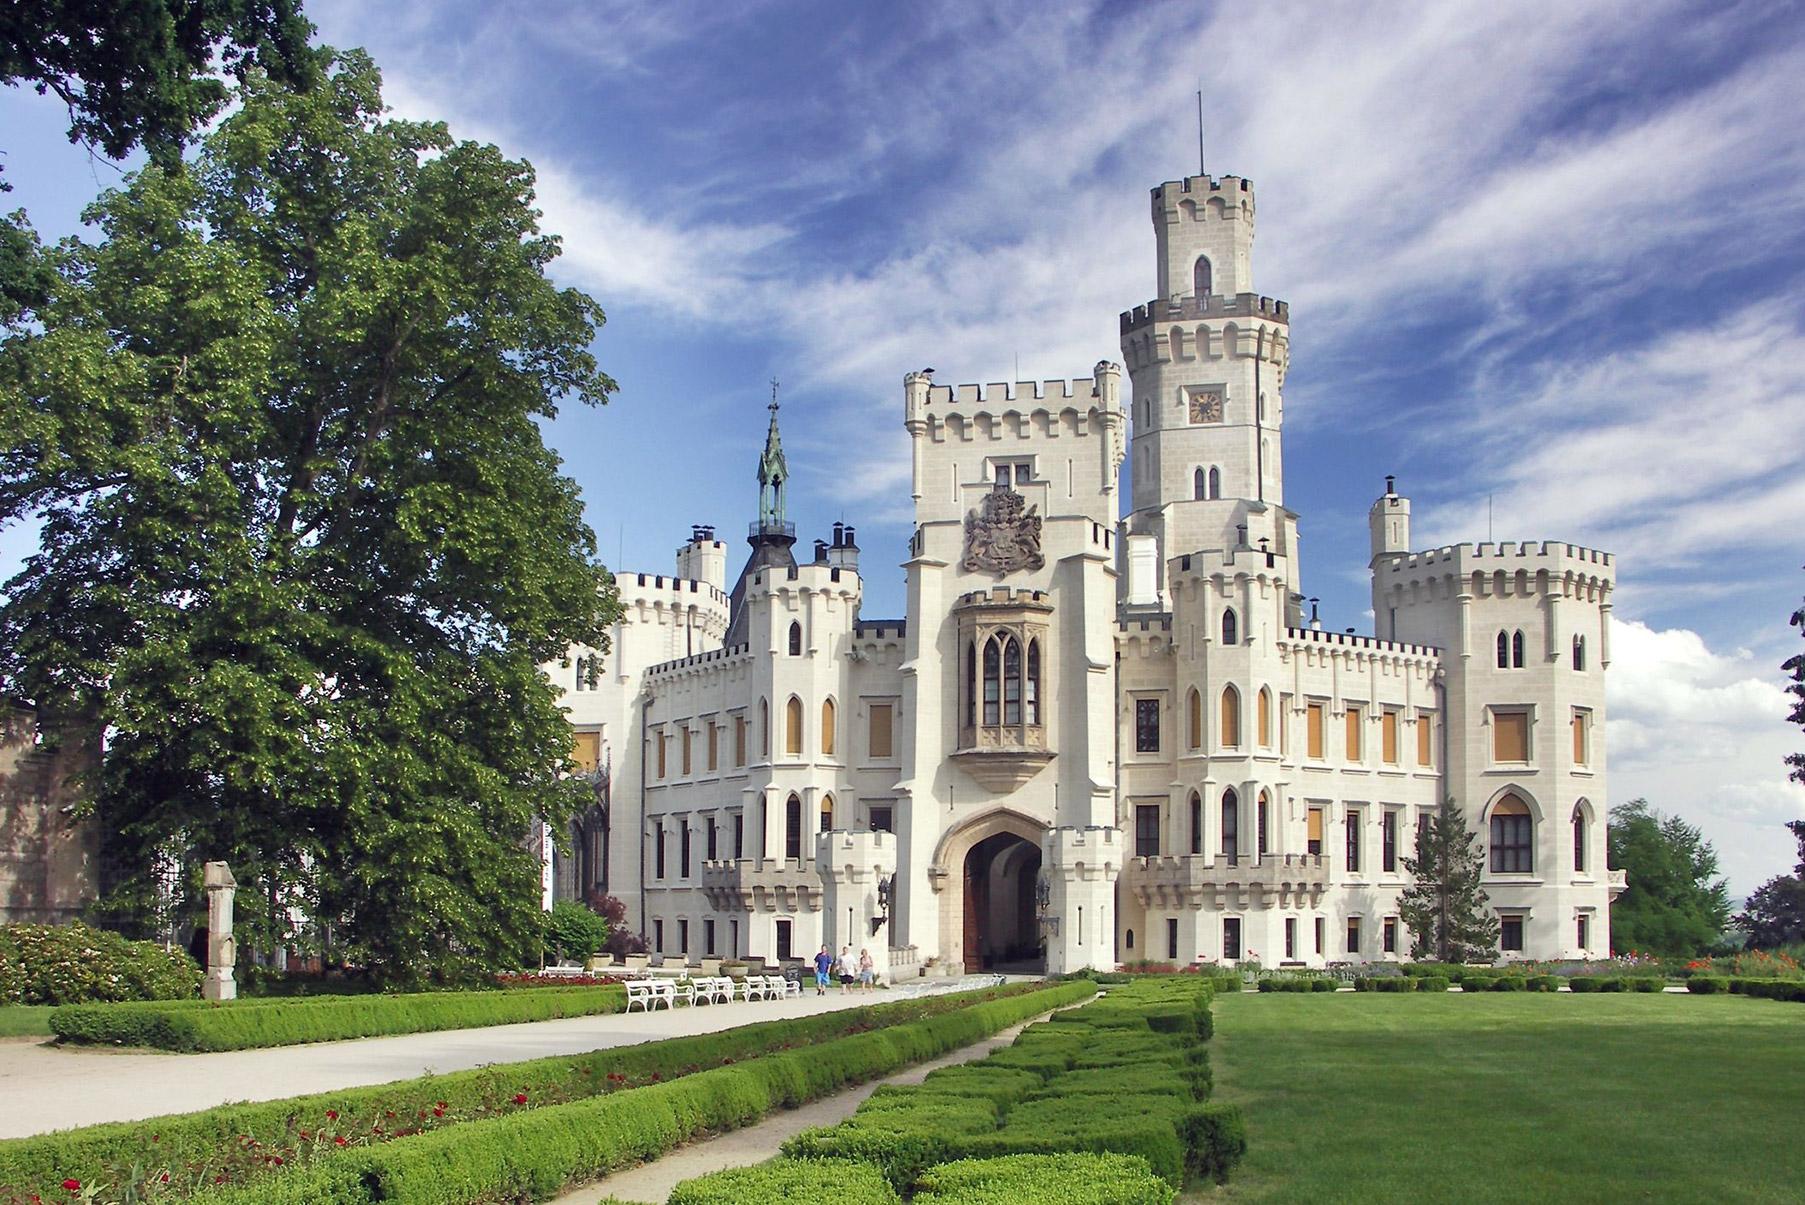 Hluboká nad Vltavou chateau